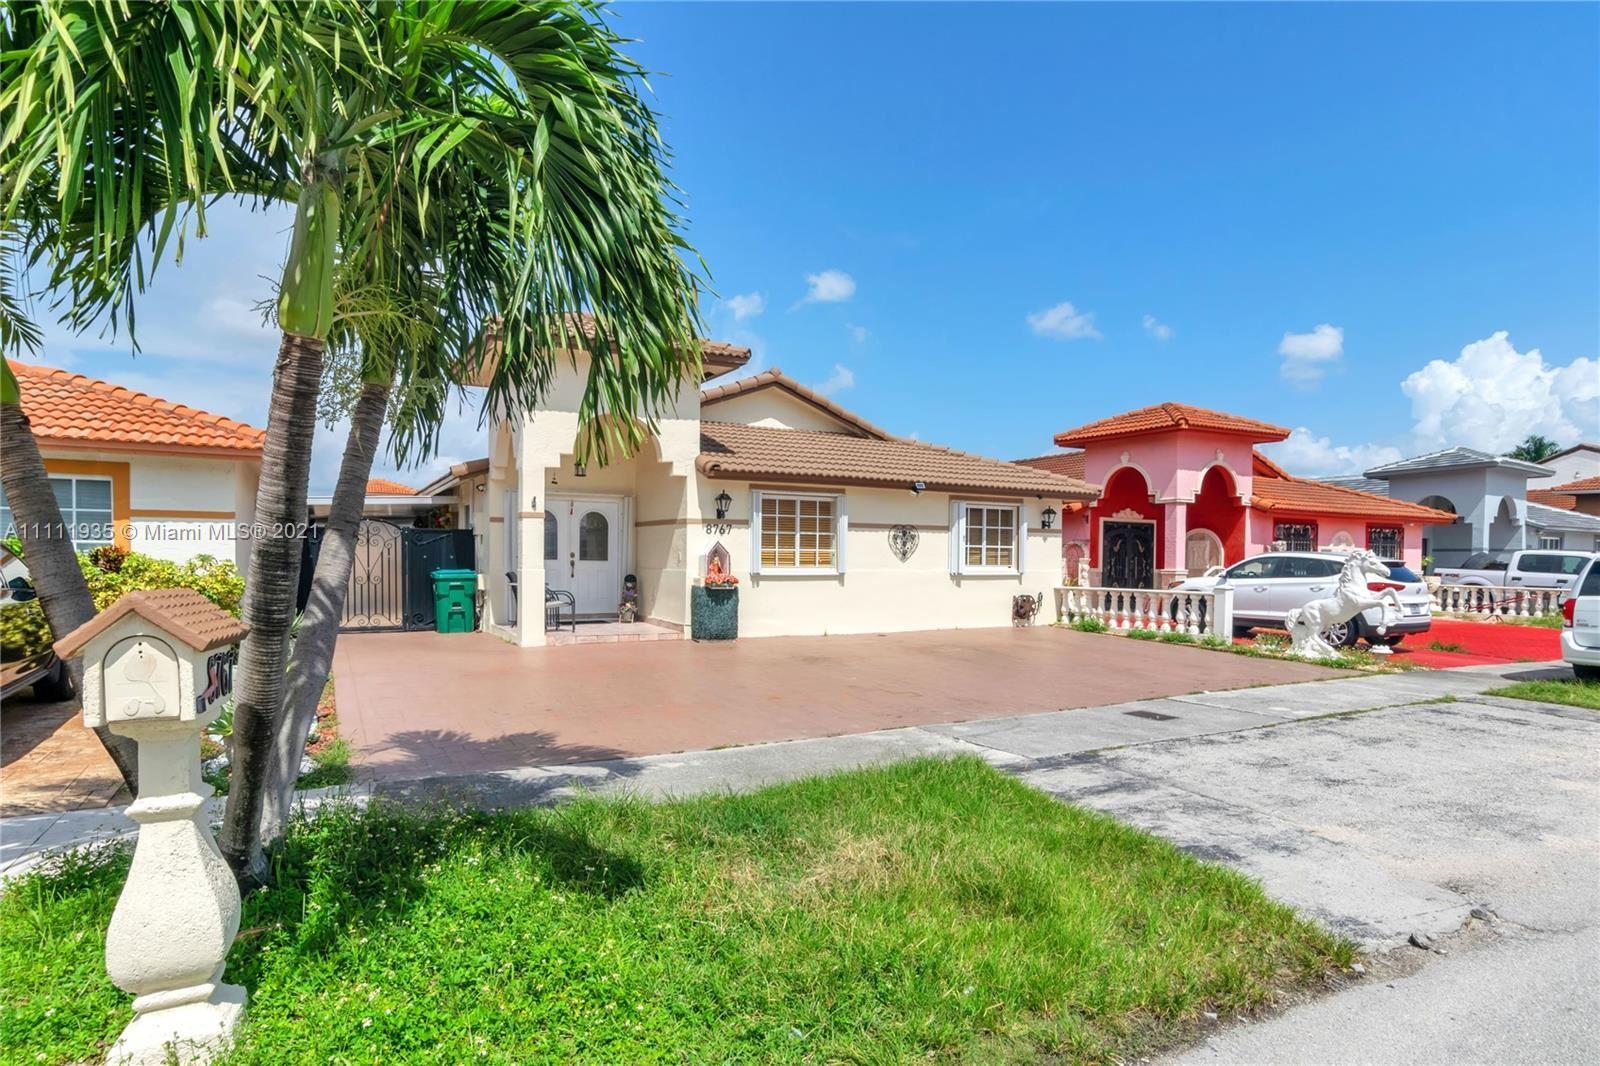 8767 NW 109th Ter, Hialeah Gardens, FL 33018 - #: A11111935